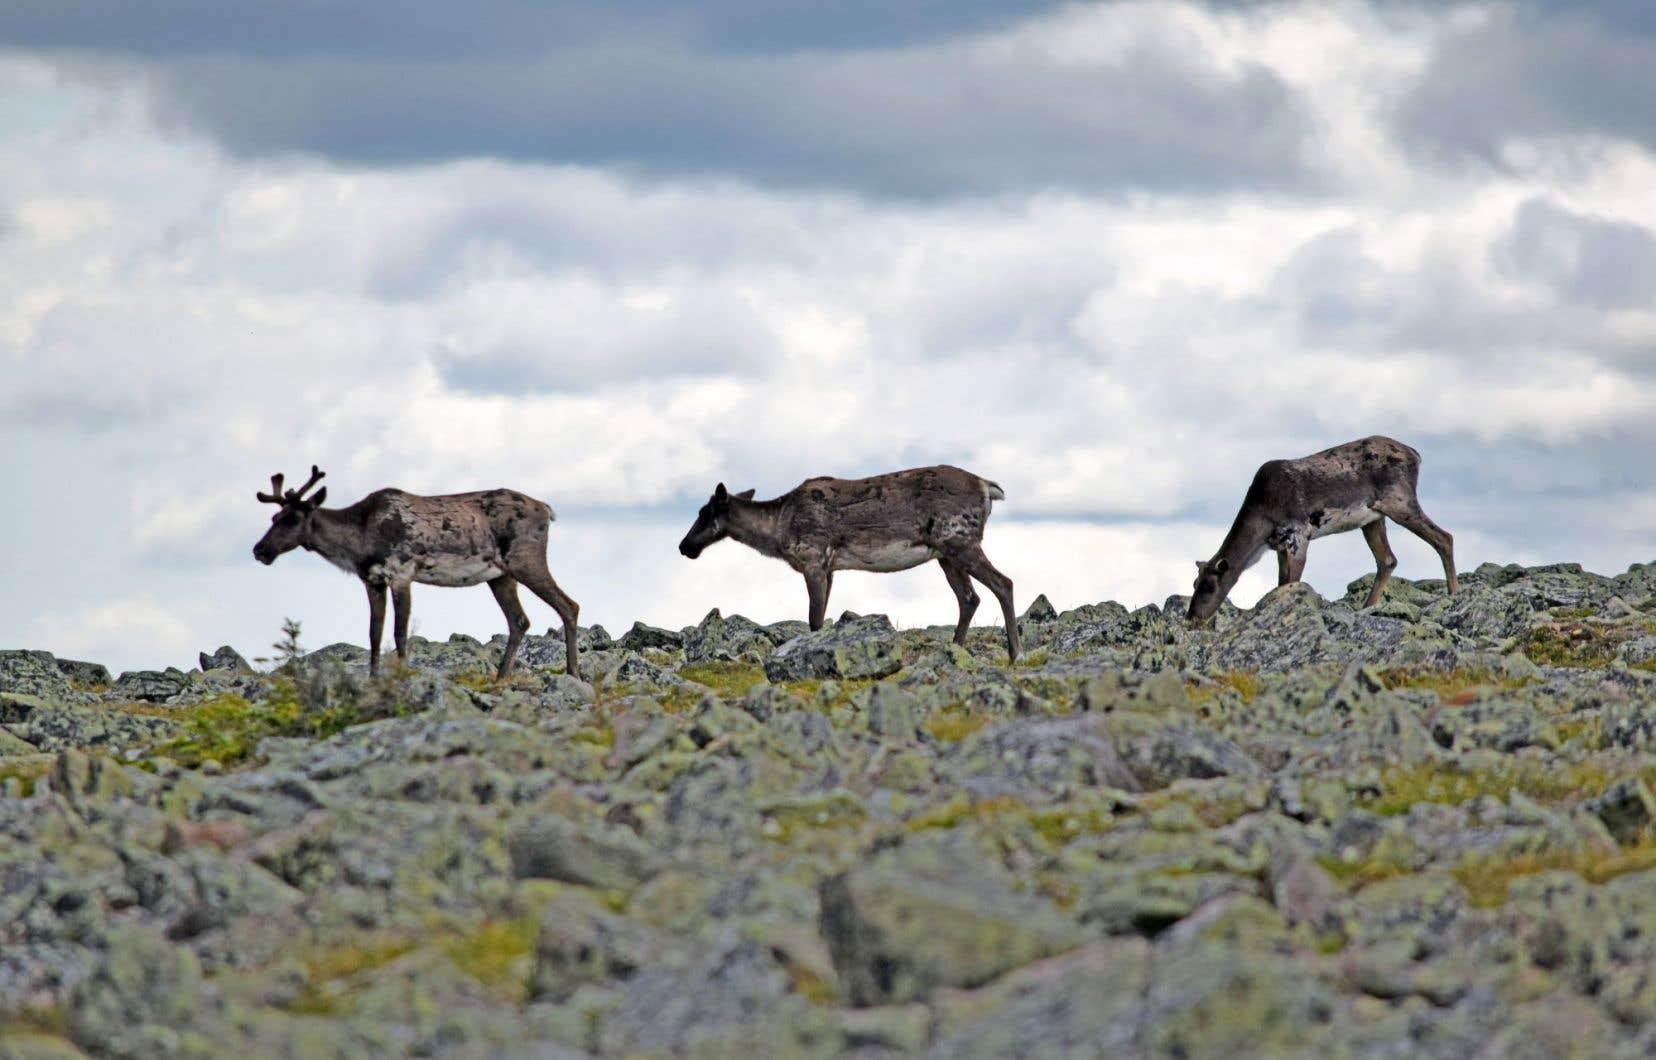 Les permis d'exploration pétrolière omniprésents en Gaspésie bloqueraient l'agrandissement de l'aire protégée du caribou, une espèce qui compte aujourd'hui moins d'une centaine d'individus.